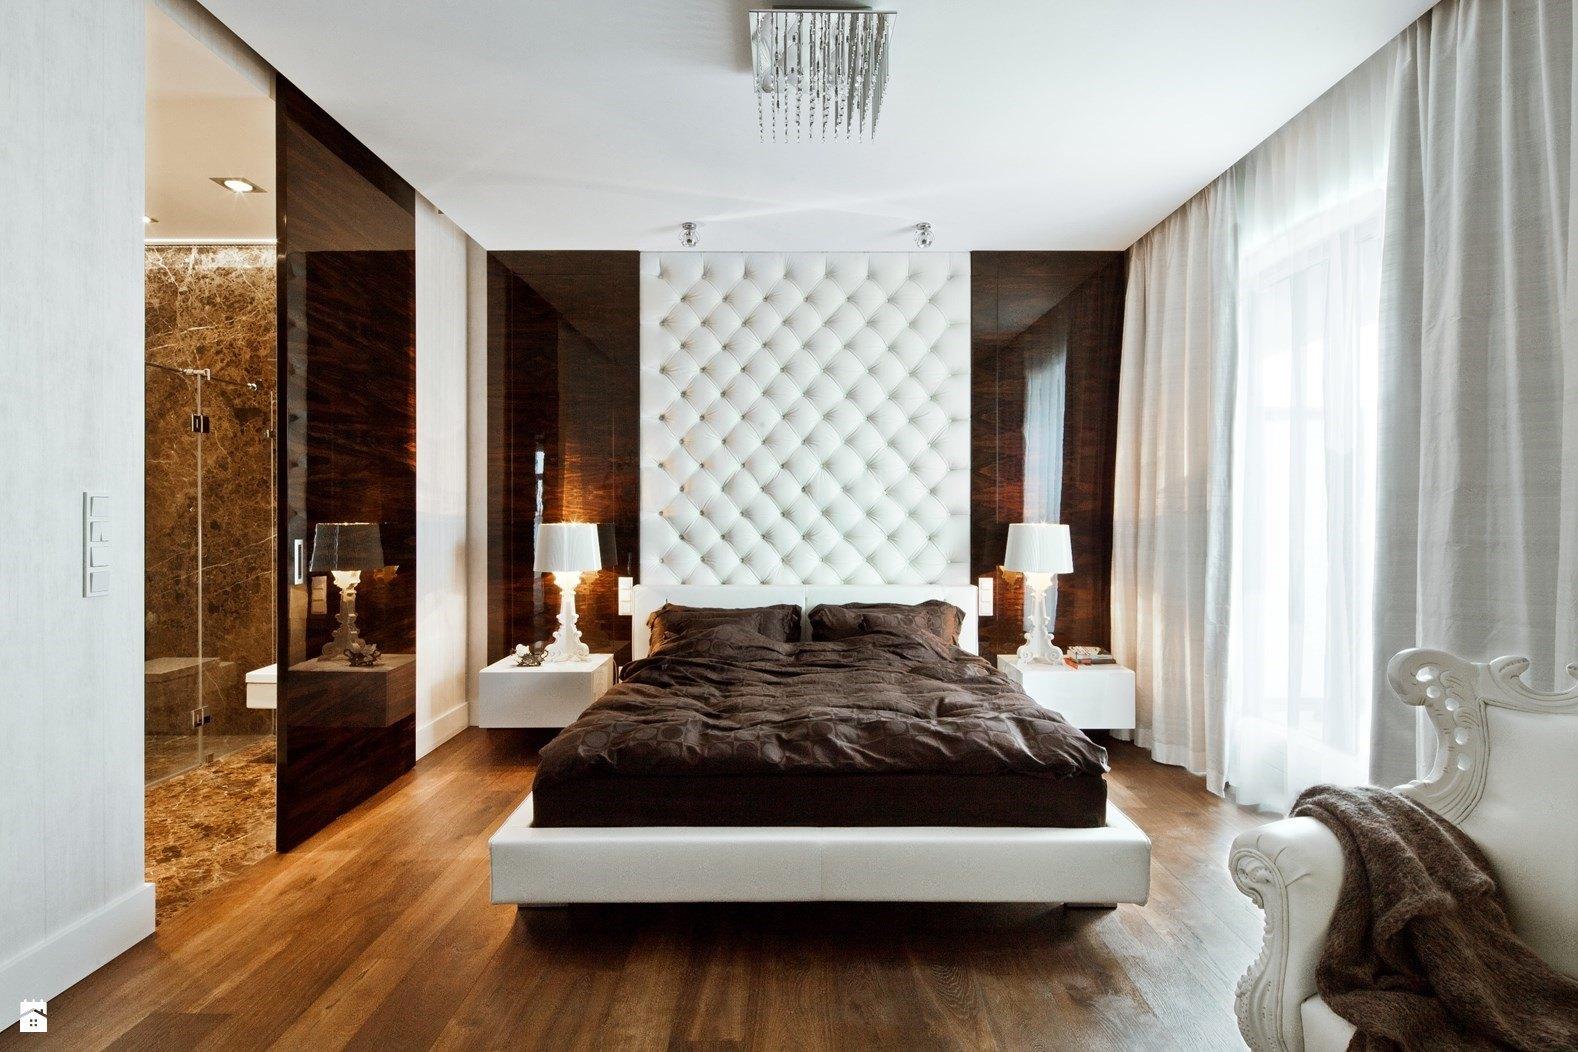 صور غرف نوم كلاسيكية أحدث تصاميم غرف النوم 2017   مجلتك